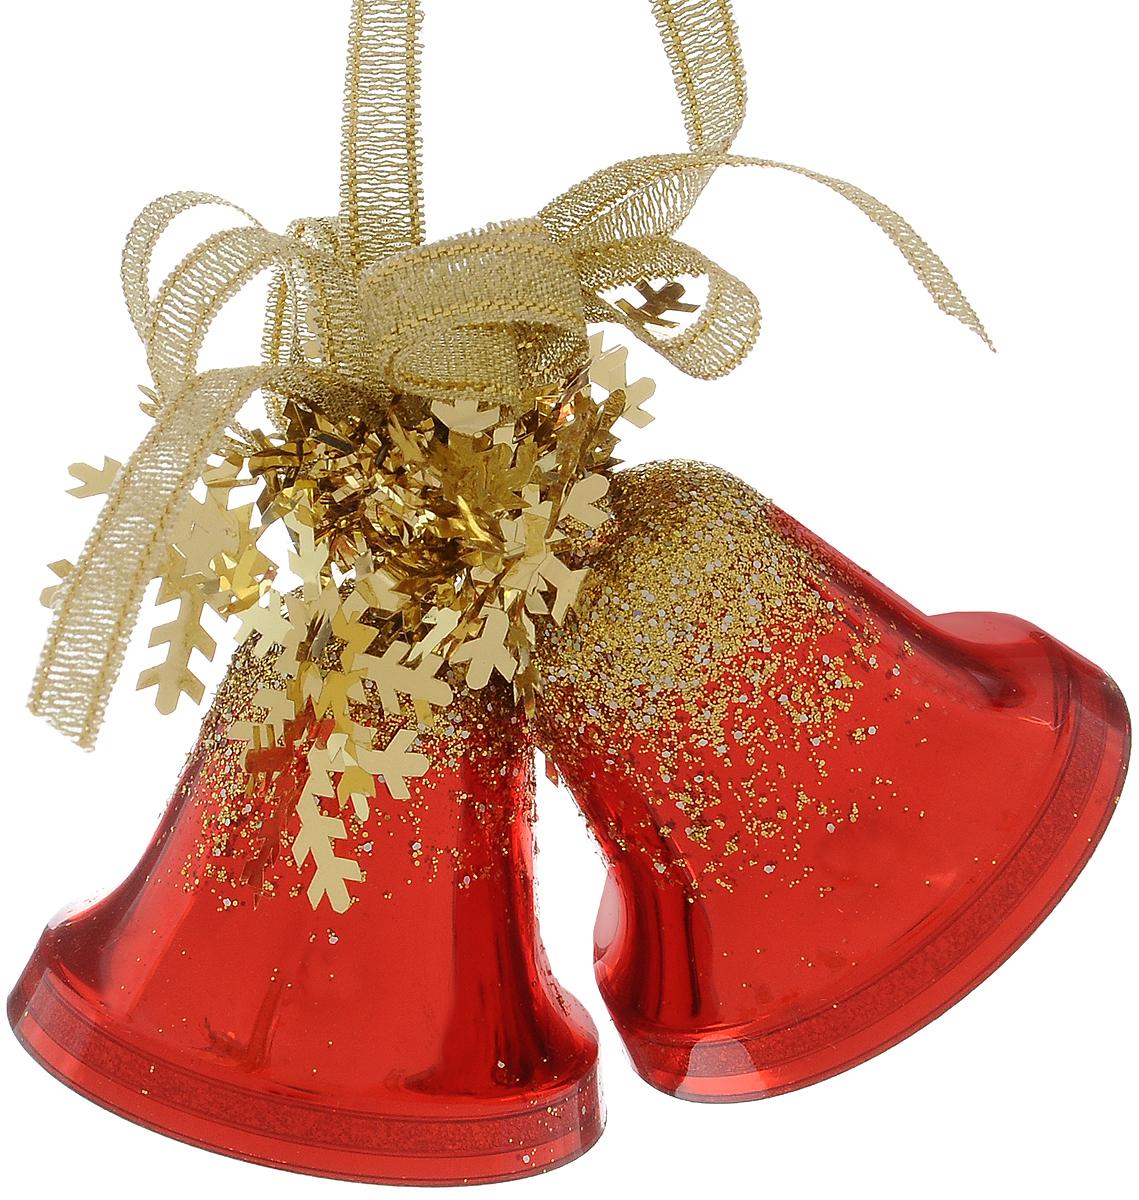 Украшение новогоднее подвесное Weiste Двойные колокольчики, цвет: красный, золотой, высота 6 см5575Новогоднее подвесное украшение Weiste Двойные колокольчики выполнено из пластика и ПВХ. Изделие оформлено блестками. С помощью специальной петельки украшение можно повесить в любом понравившемся вам месте. Но, конечно, удачнее всего оно будет смотреться на праздничной елке. Елочная игрушка - символ Нового года. Она несет в себе волшебство и красоту праздника. Создайте в своем доме атмосферу веселья и радости, украшая новогоднюю елку нарядными игрушками, которые будут из года в год накапливать теплоту воспоминаний. Размер колокольчика: 5 х 5 х 5 см. Общий размер украшения: 5 х 6 х 10 см.